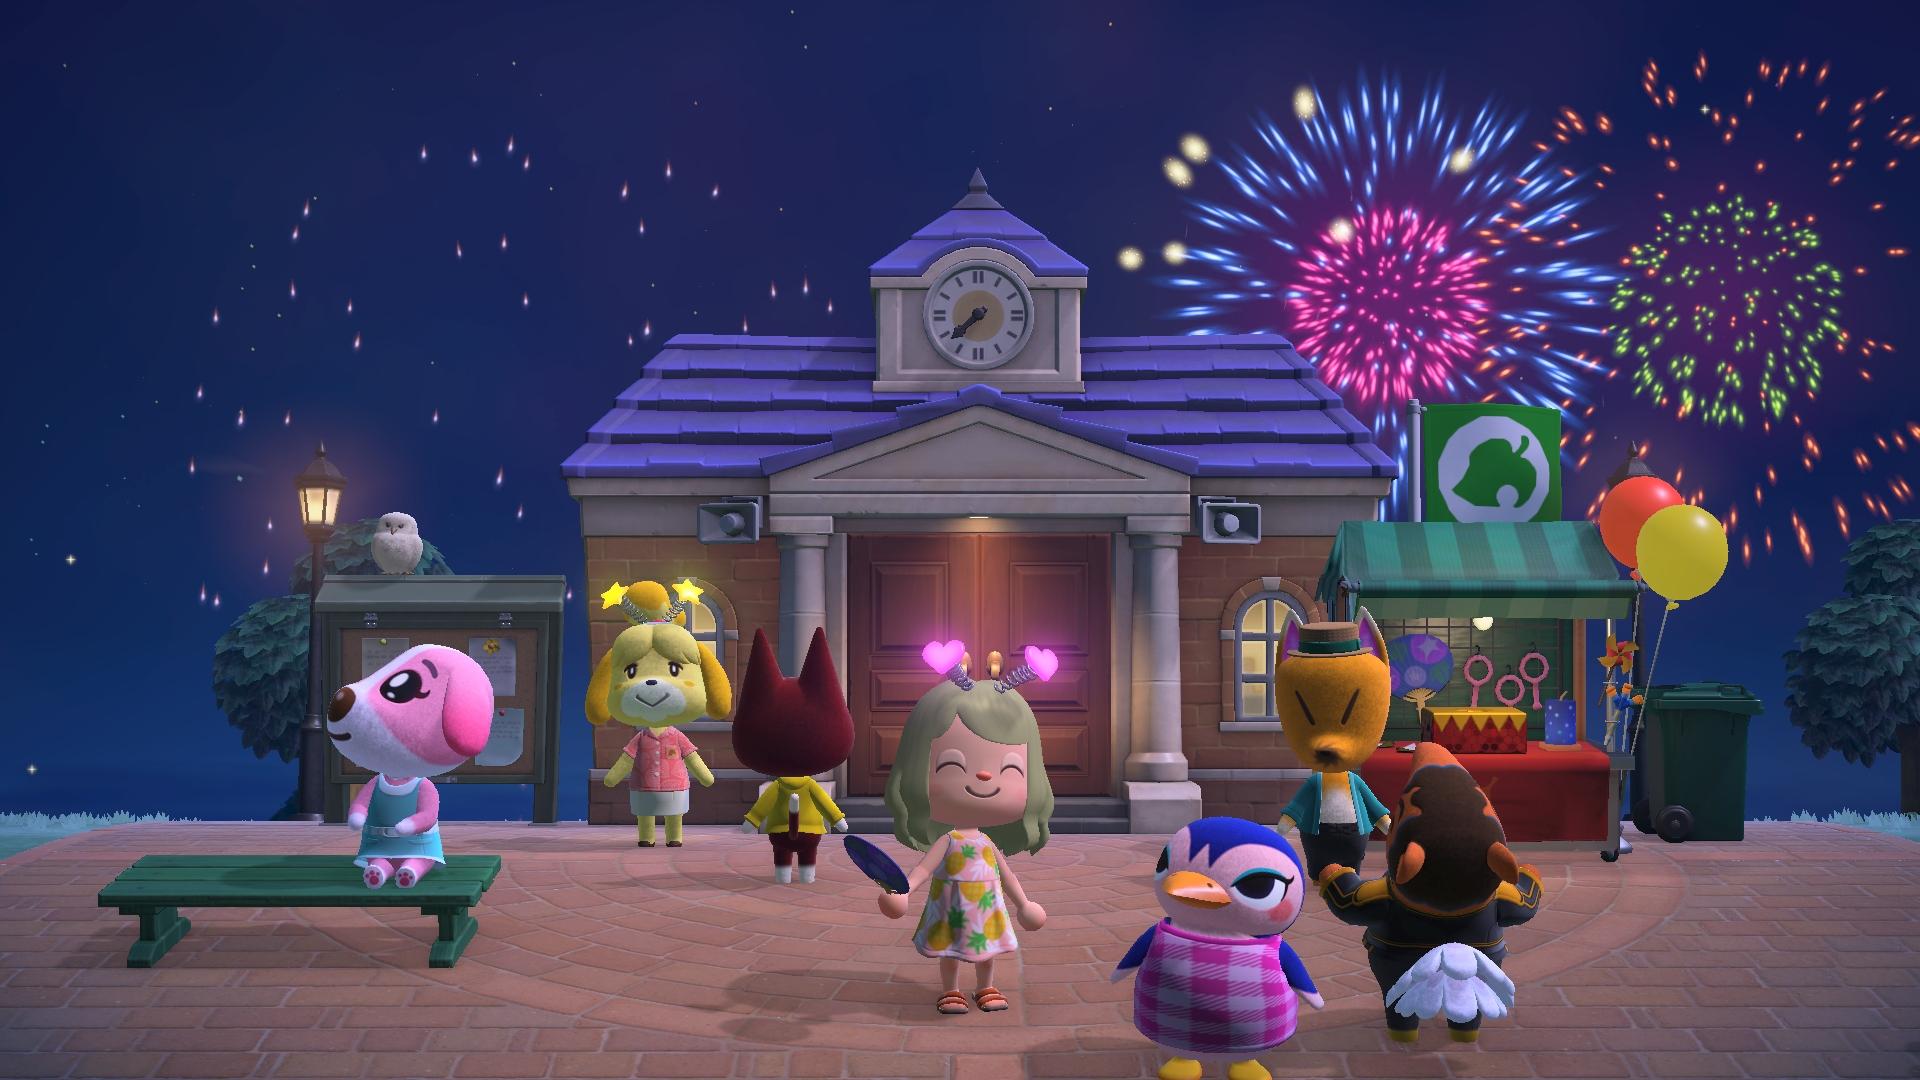 《动物森友会》7月29日推送免费季节更新 更多免费内容开发中